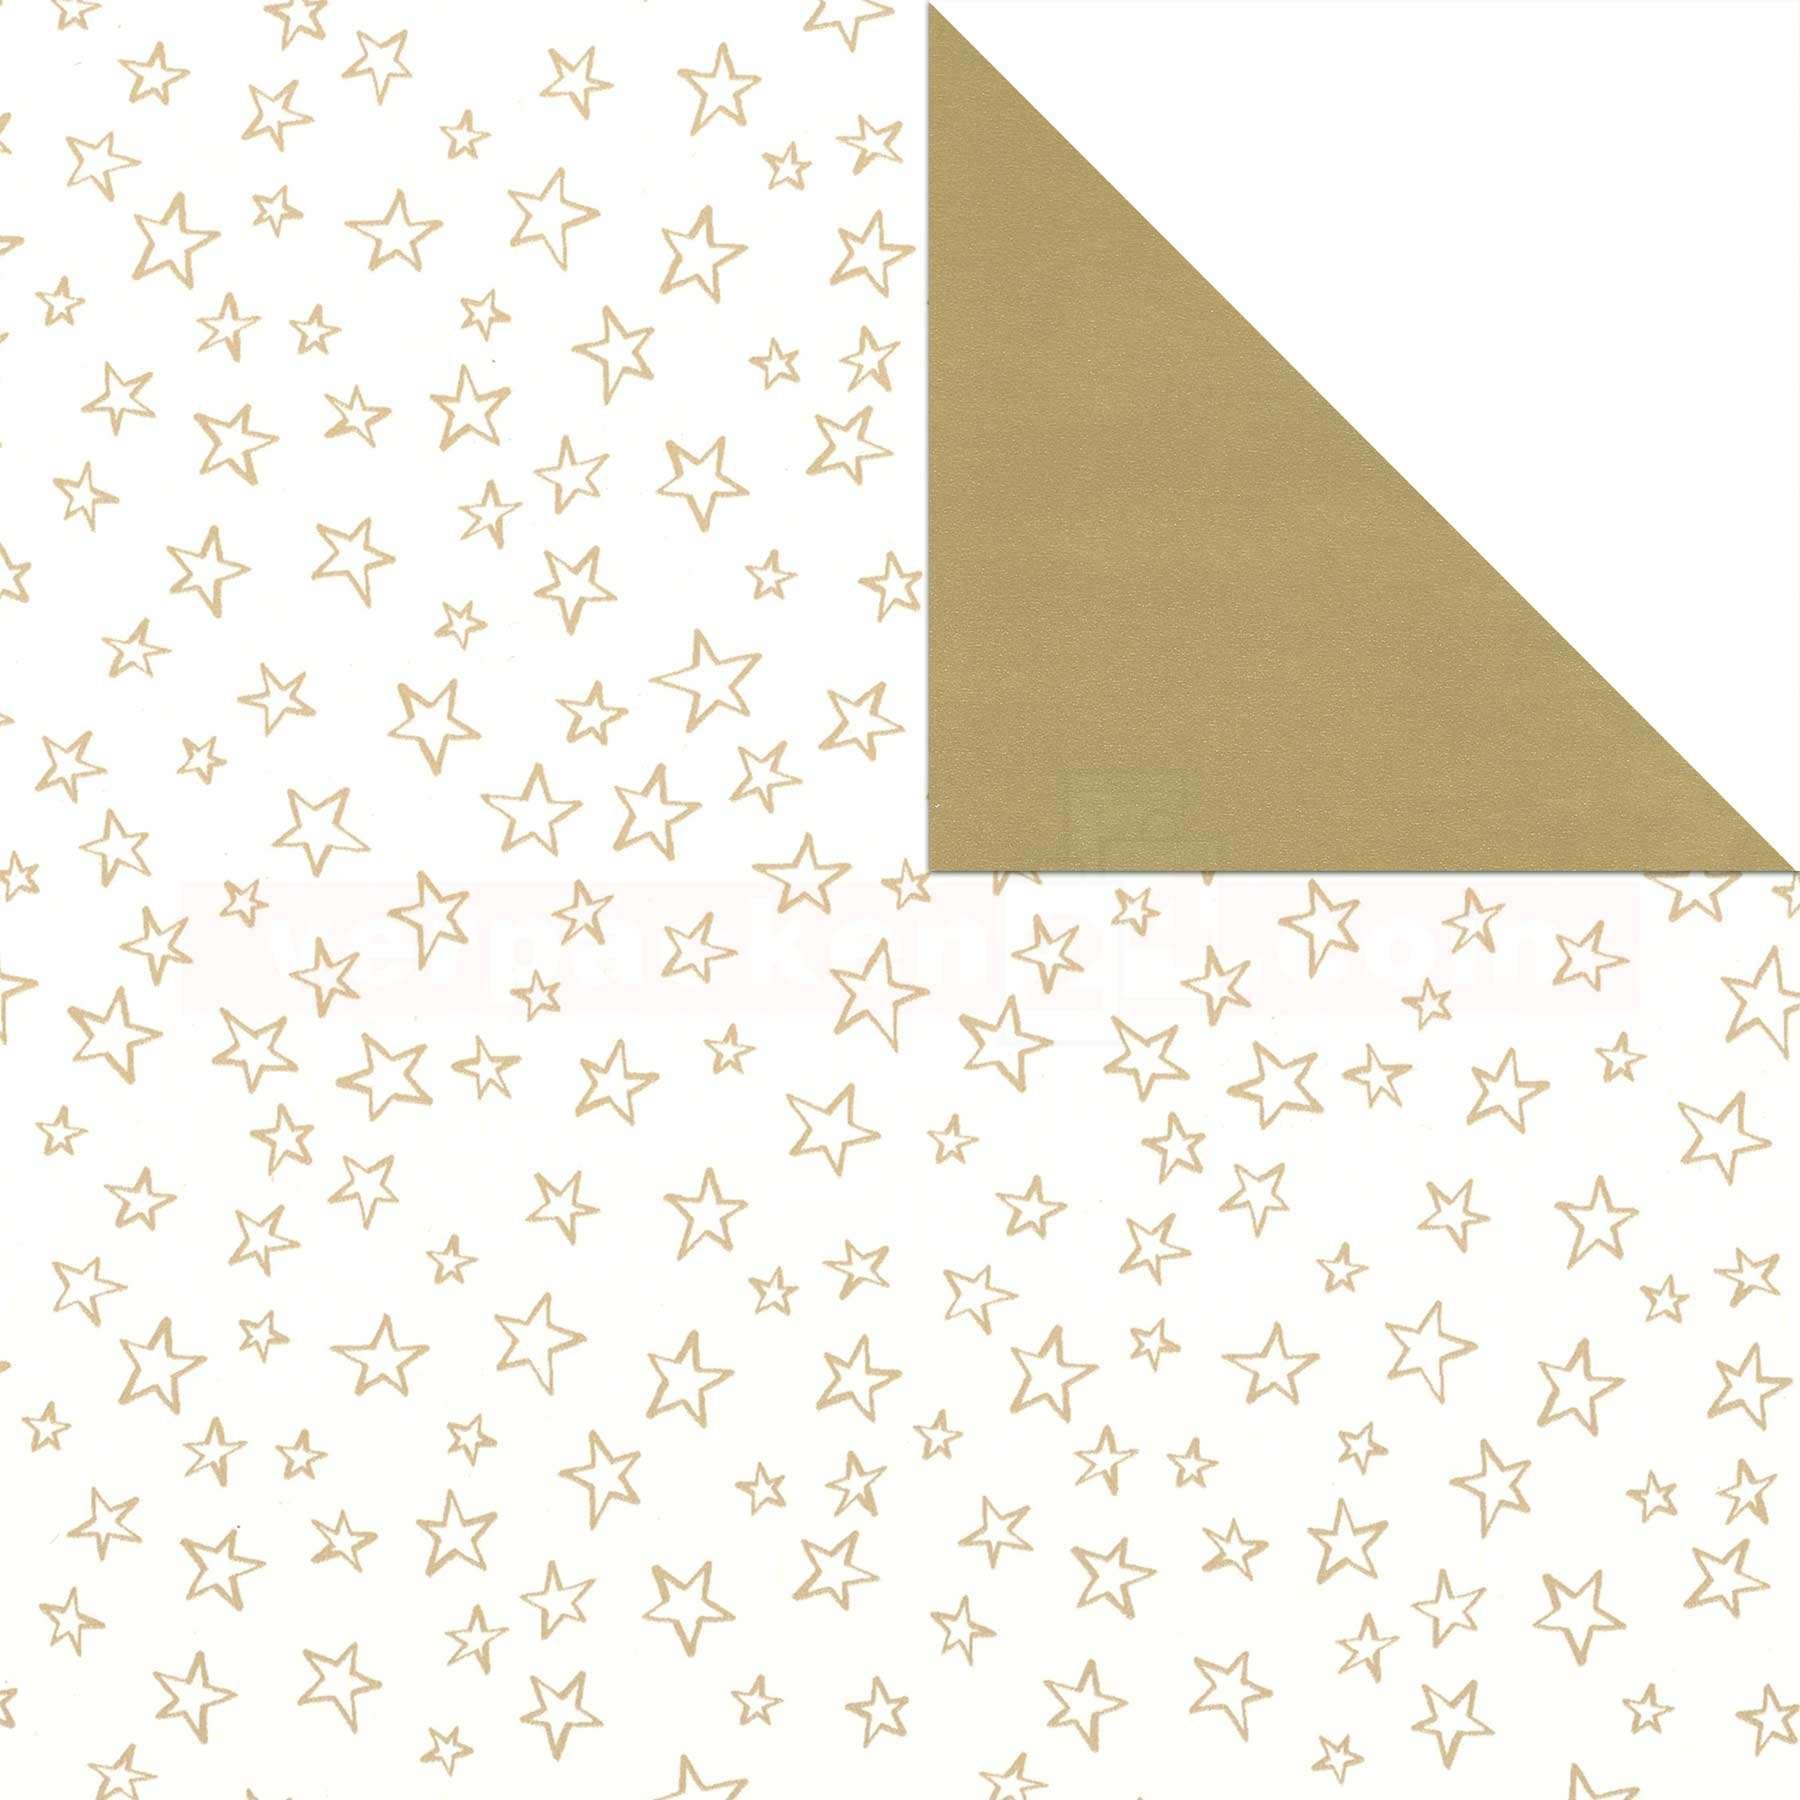 Geschenkpapier Weihnachten Sterne gold 50cm | verpacken24.com ...